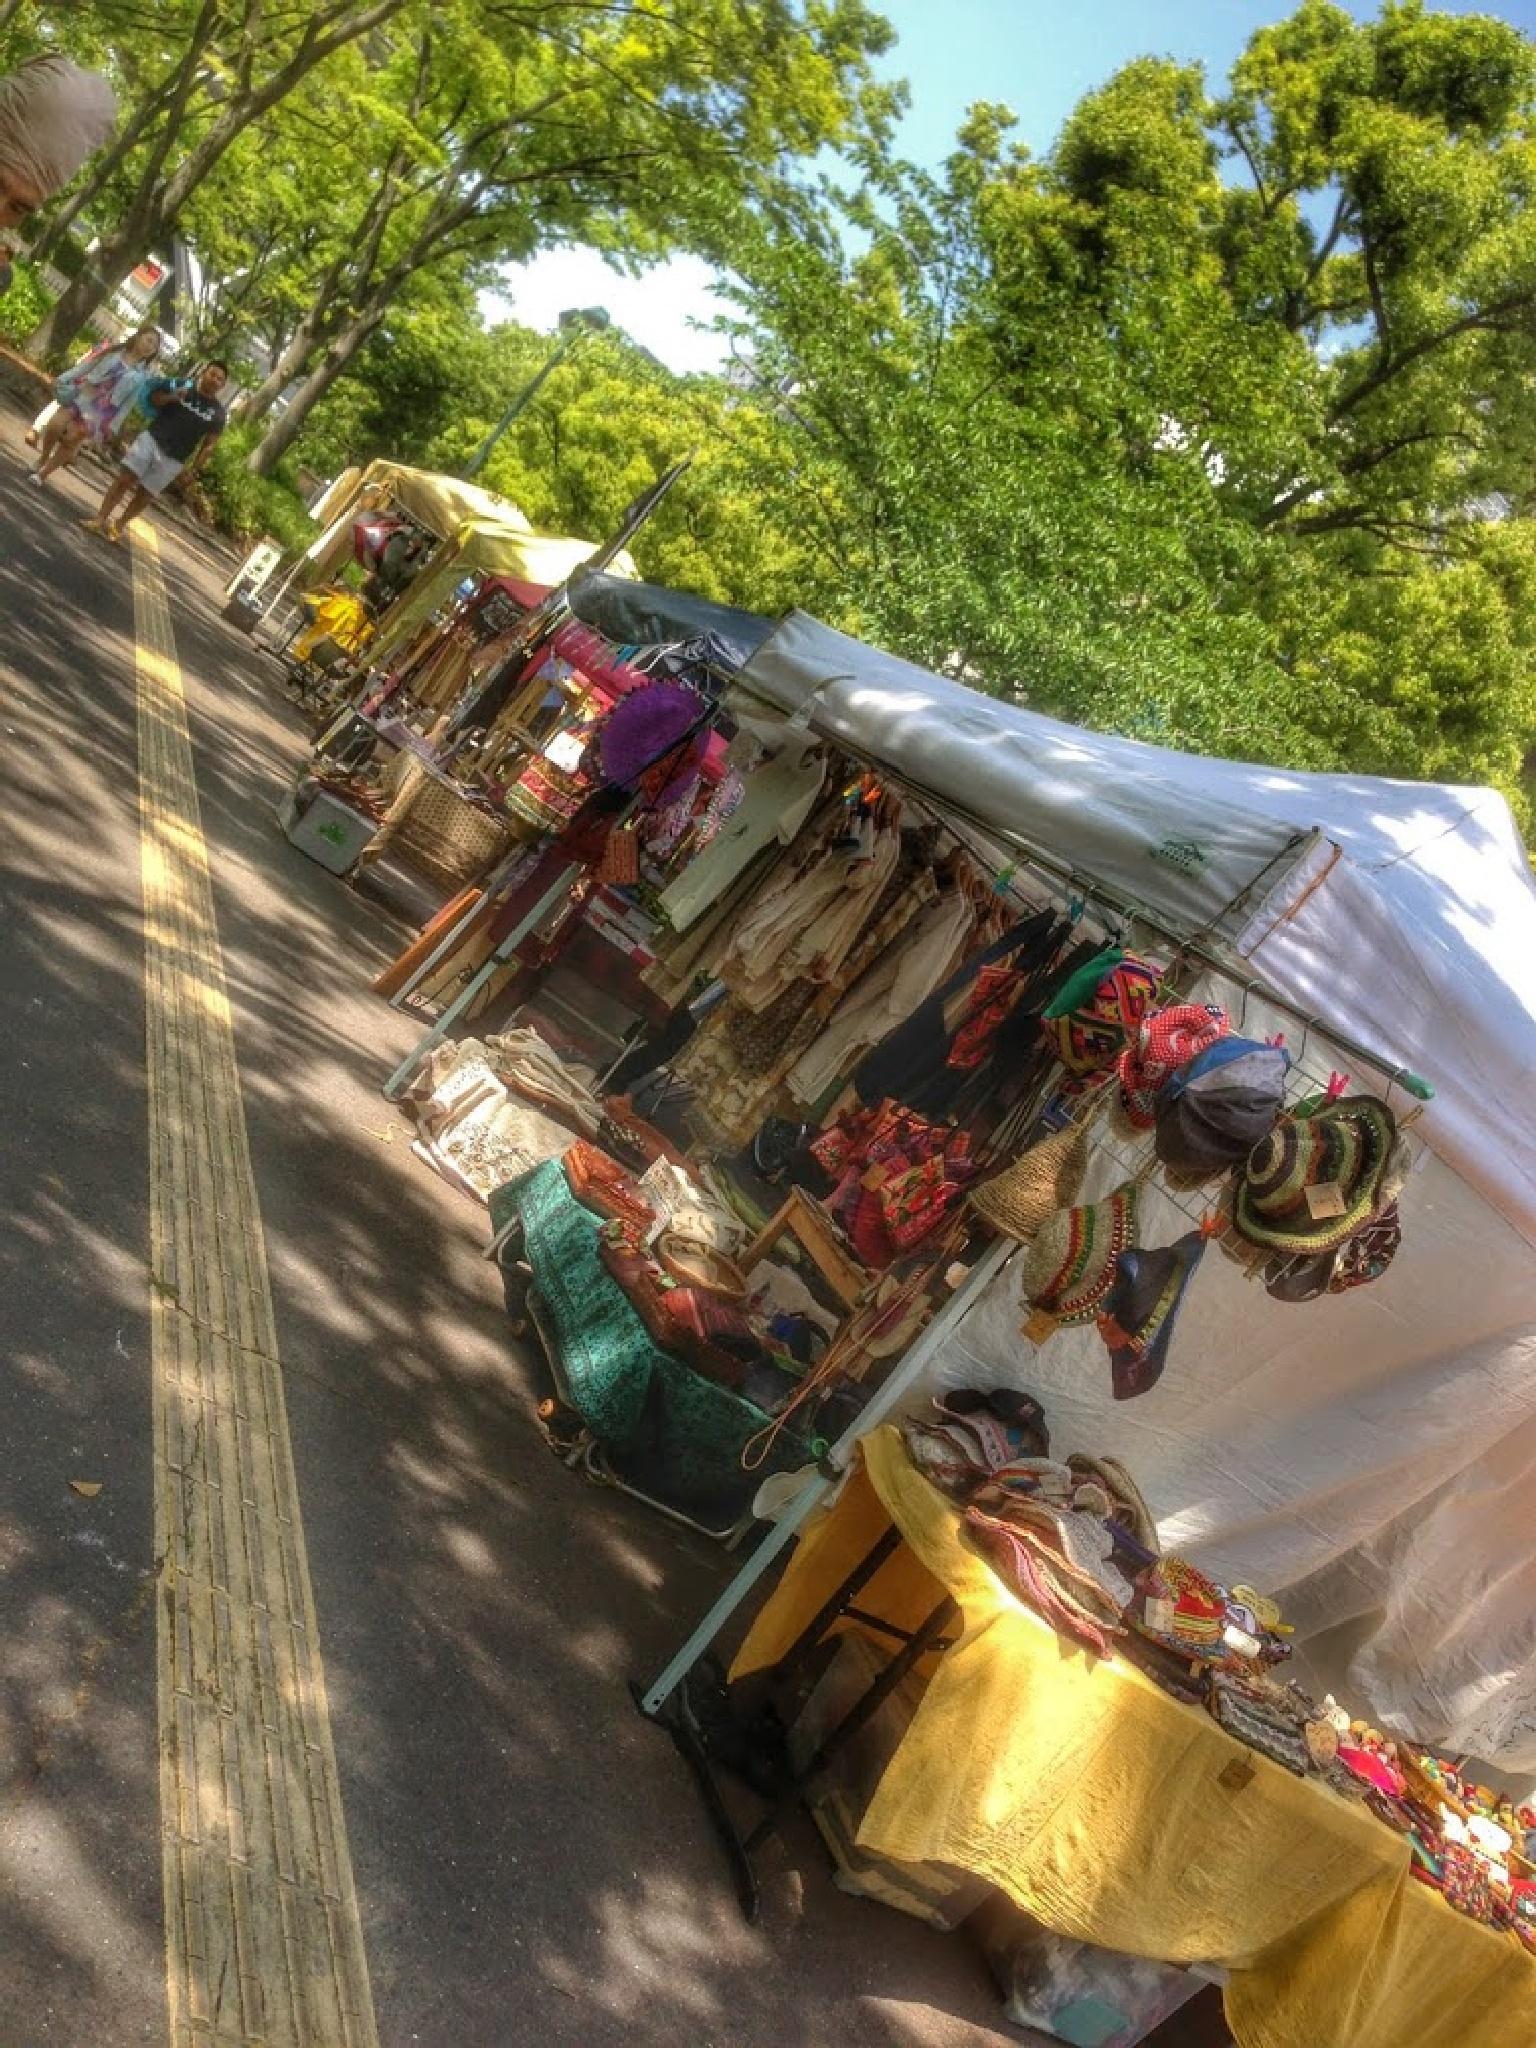 Flea Market by jessy b